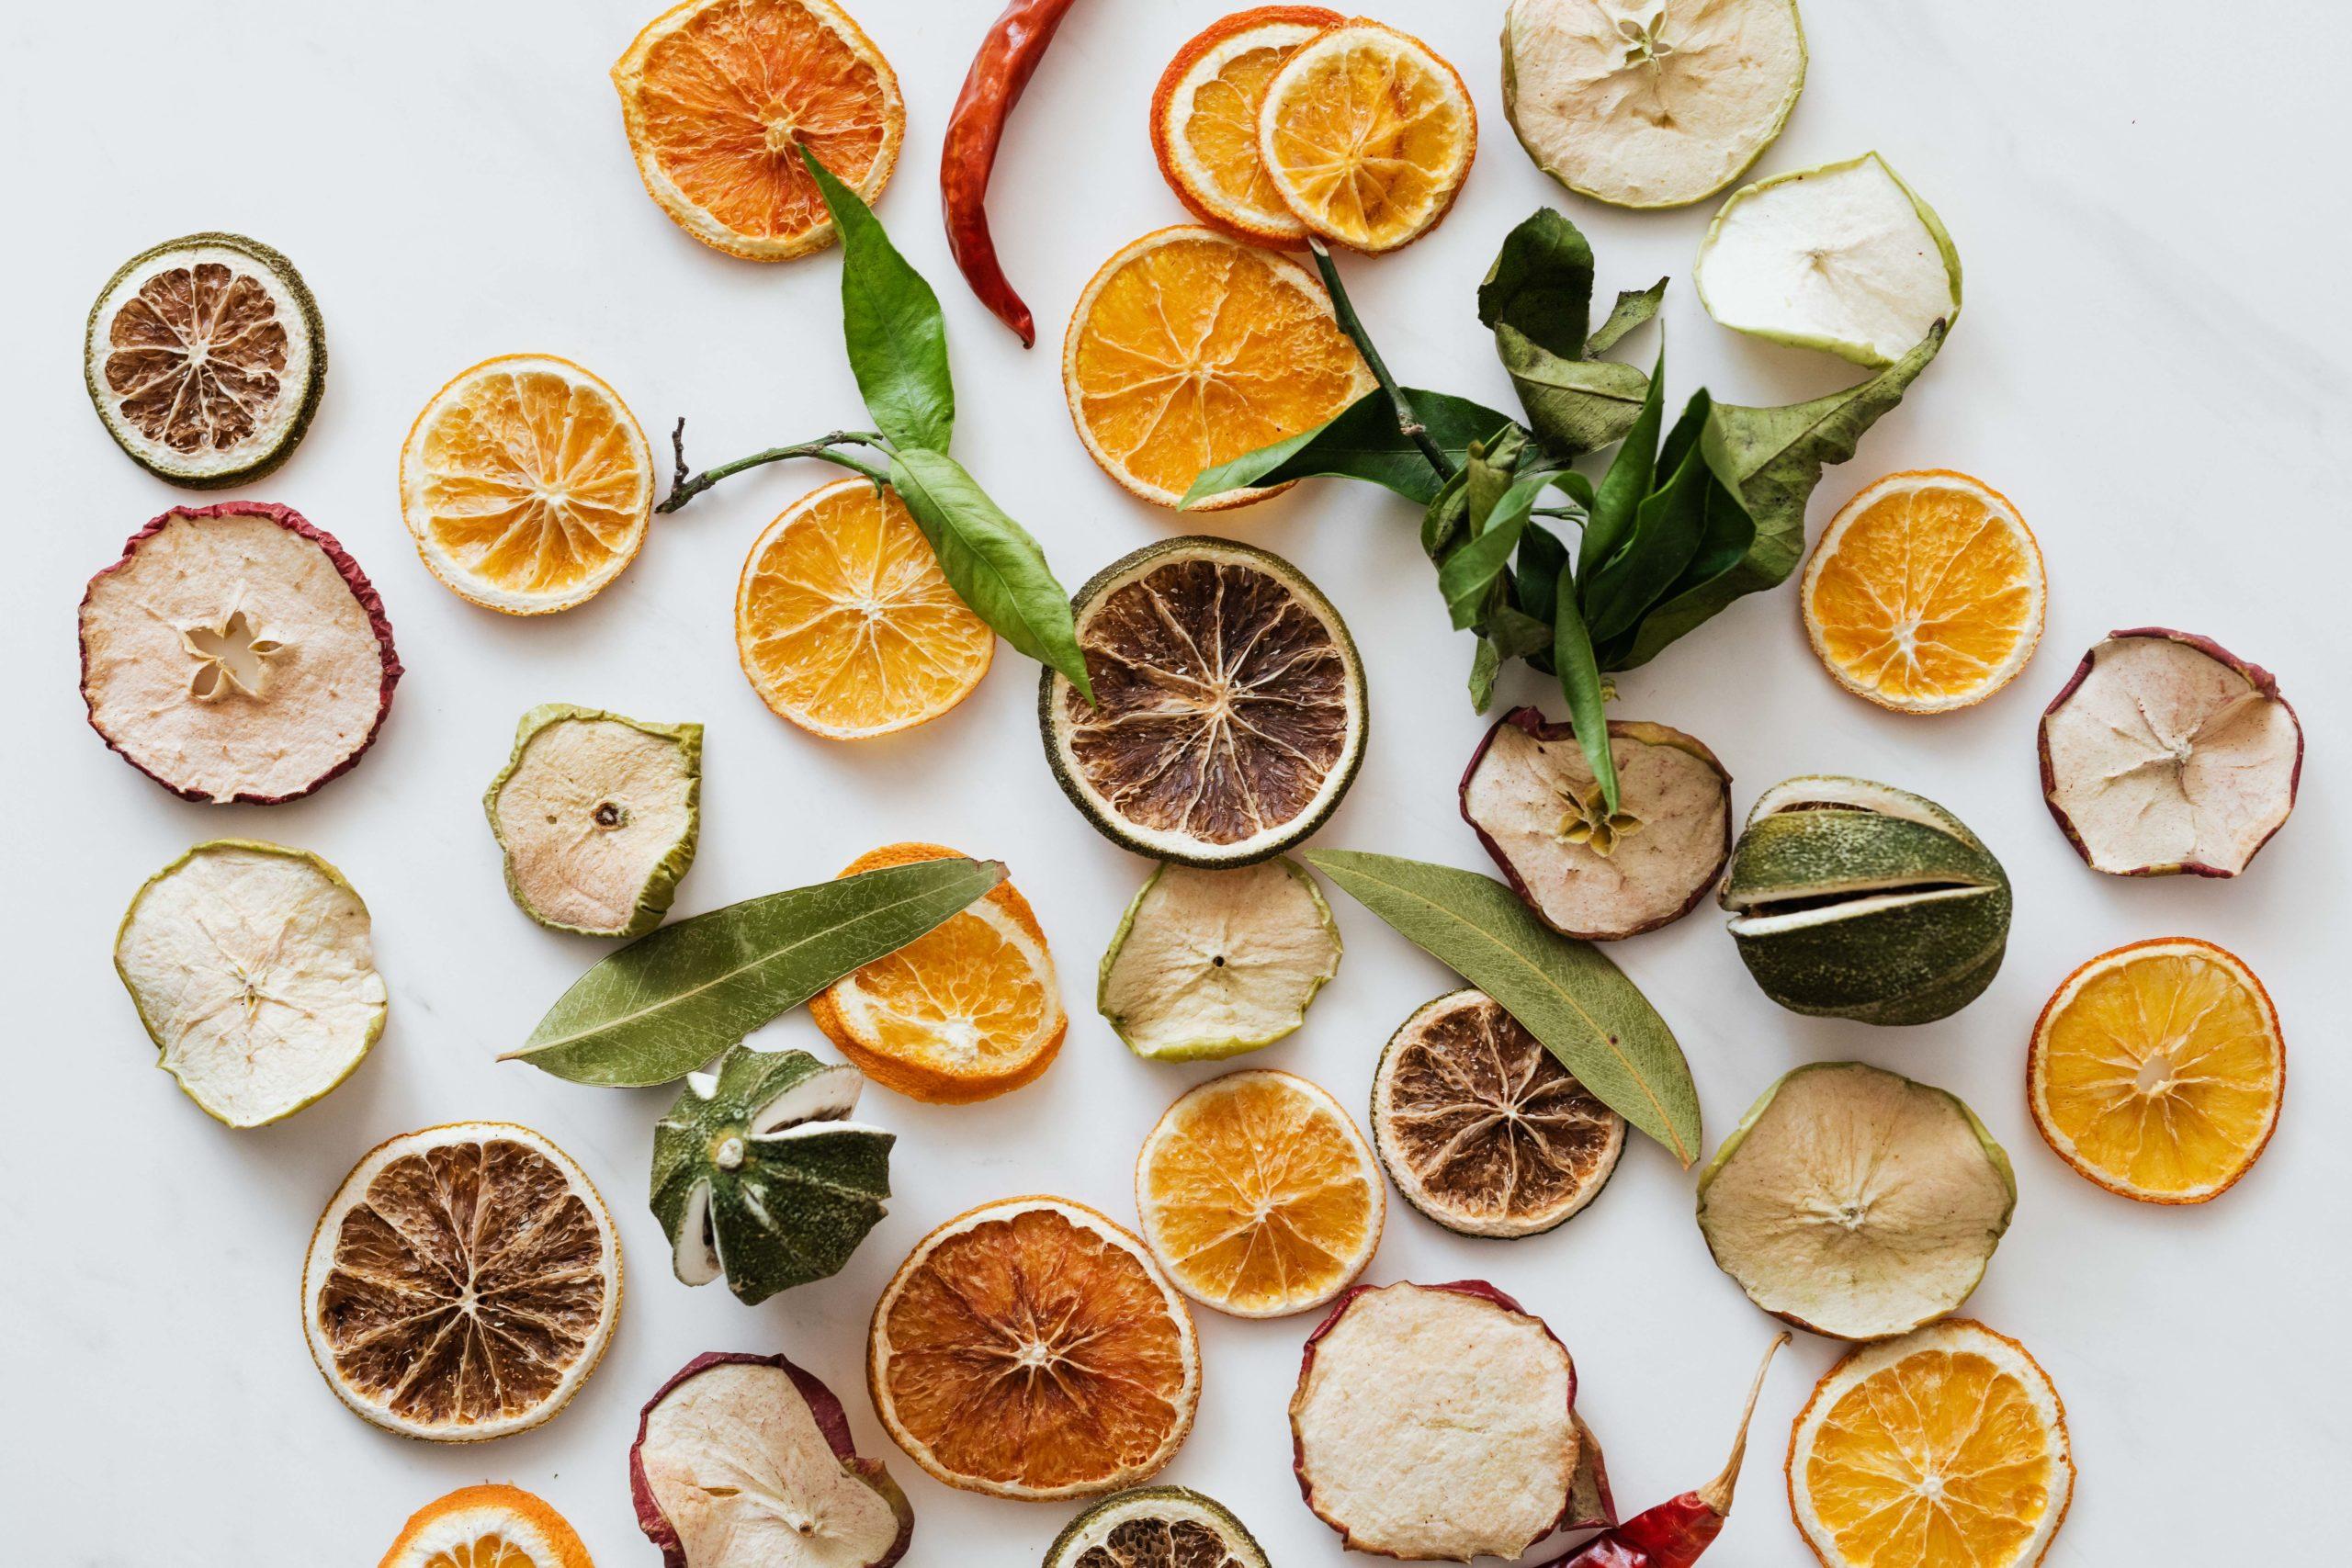 人気運UPの風水効果がある元気なオレンジ(橙色)をインテリアにセンス良く取り入れるコツとは?